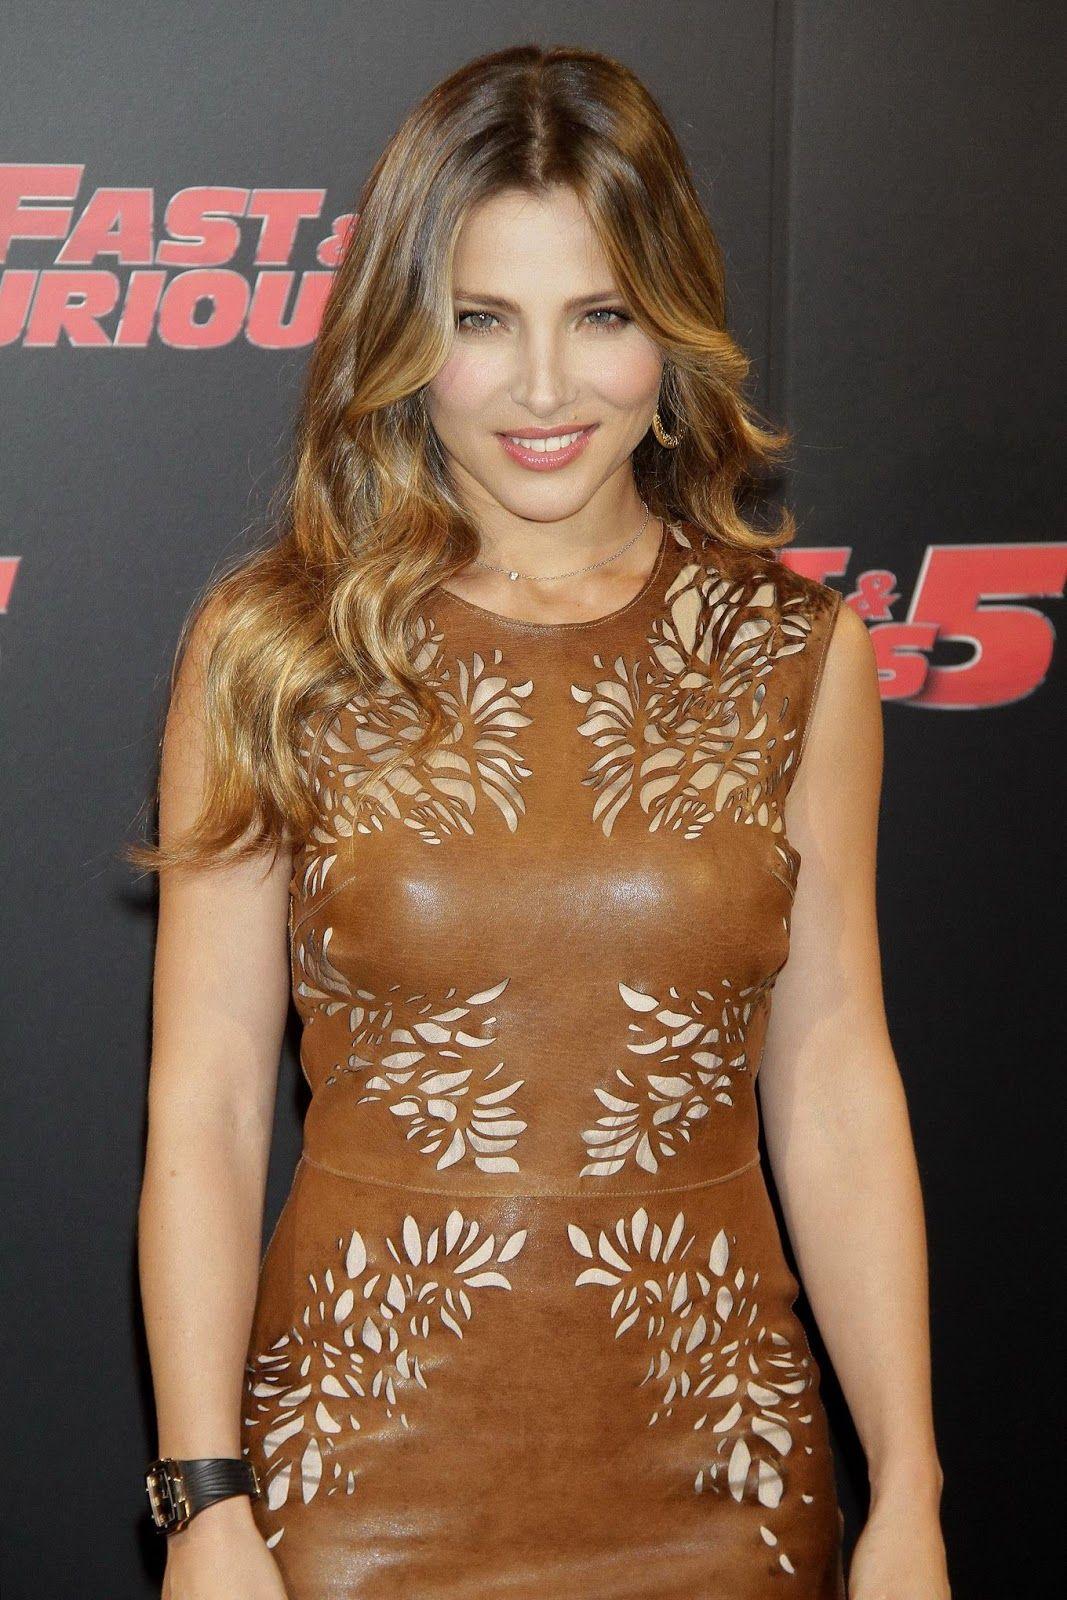 Elsa Pataky bra size on actressbrasize.com http://actressbrasize.com/2013/11/21/elsa-pataky-bra-size-body-measurements/